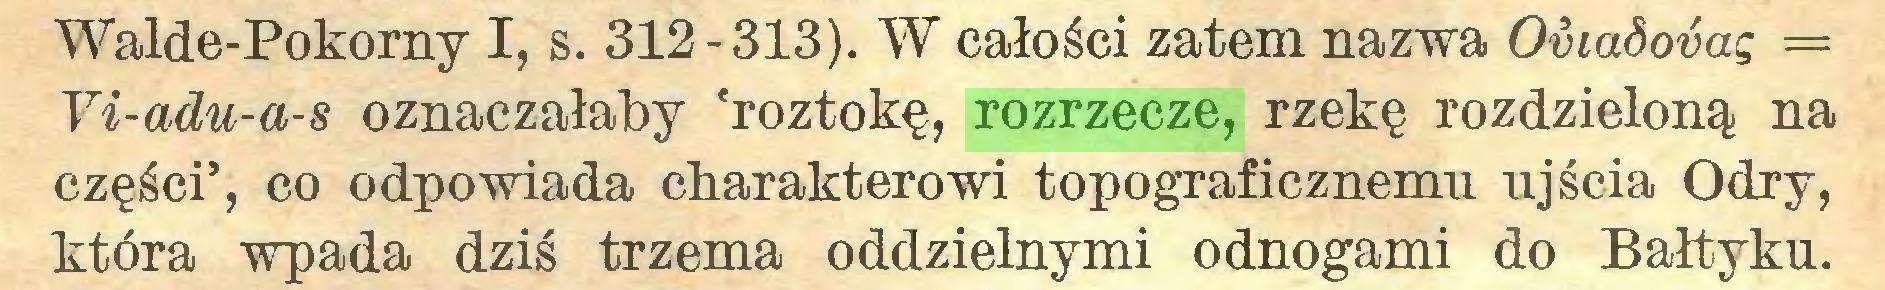 (...) Walde-Pokorny I, s. 312-313). W całości zatem nazwa Oviadovag = Yi-adu-a-s oznaczałaby 'roztokę, rozrzecze, rzekę rozdzieloną na części', co odpowiada charakterowi topograficznemu ujścia Odry, która wpada dziś trzema oddzielnymi odnogami do Bałtyku...